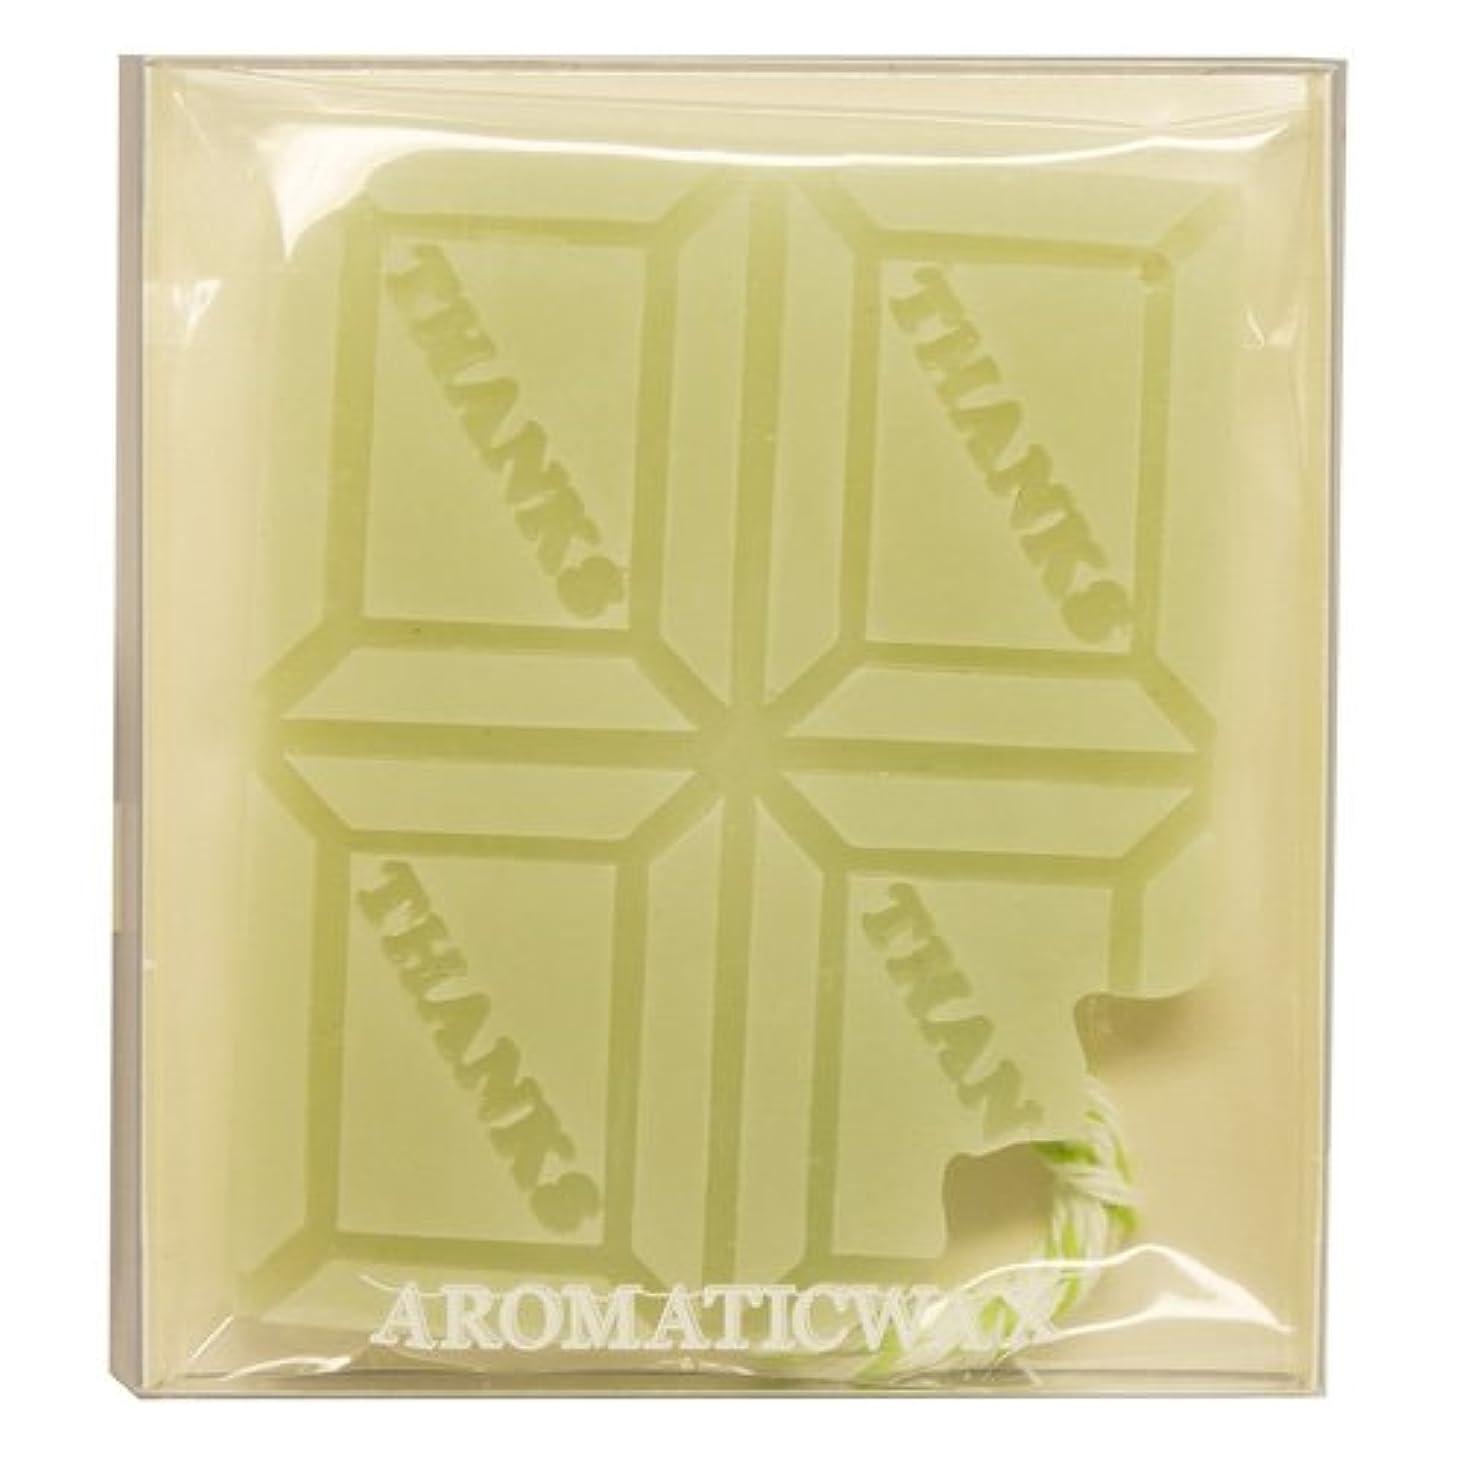 閉じる宇宙の一方、GRASSE TOKYO AROMATICWAXチャーム「板チョコ(THANKS)」(GR) レモングラス アロマティックワックス グラーストウキョウ